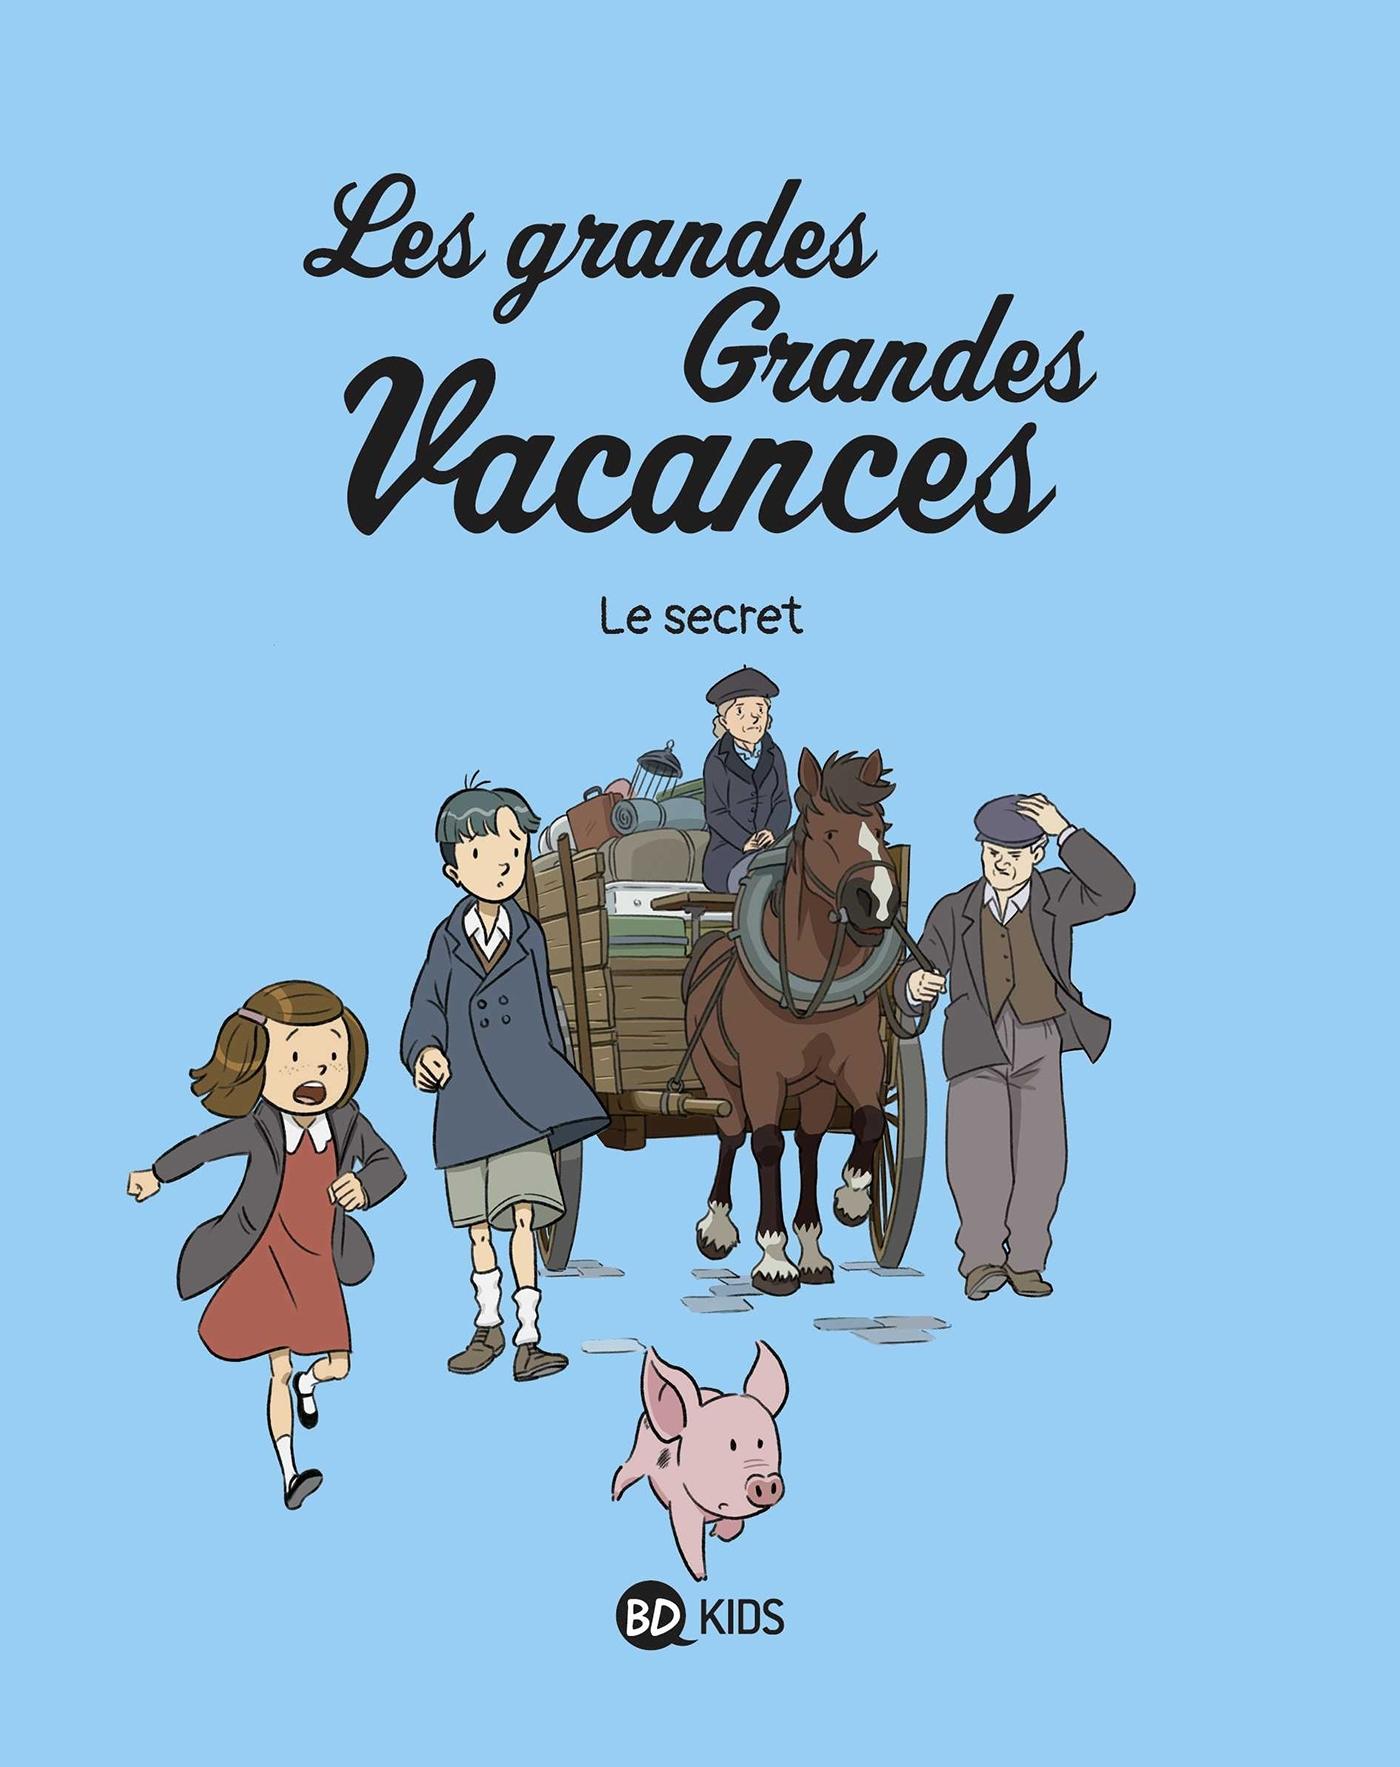 LES GRANDES GRANDES VACANCES, TOME 02 - LE SECRET